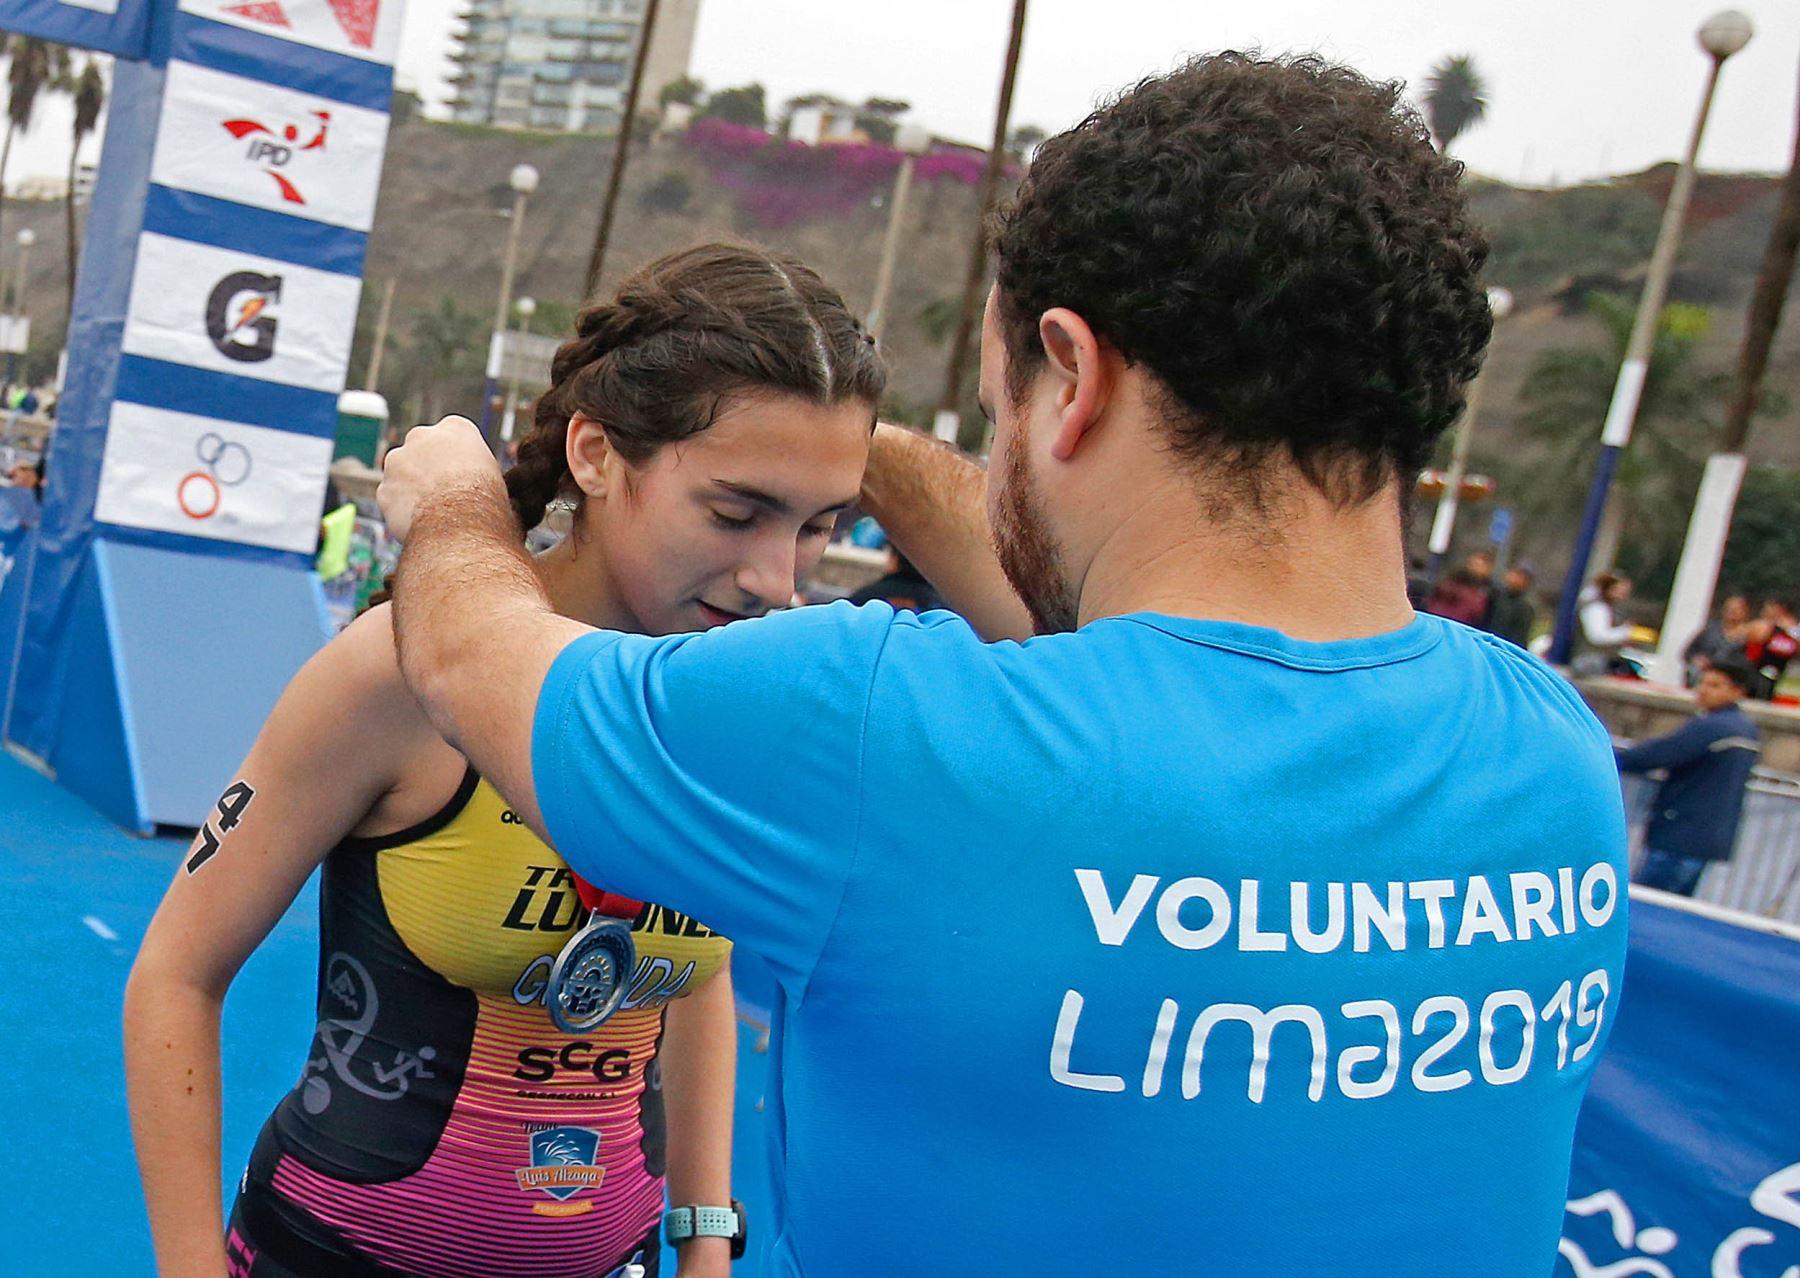 Se inicio la etapa de capacitación a las personas que aspiran a convertirse en voluntarios de los Juegos Panamericanos y Parapanamericanos Lima 2019